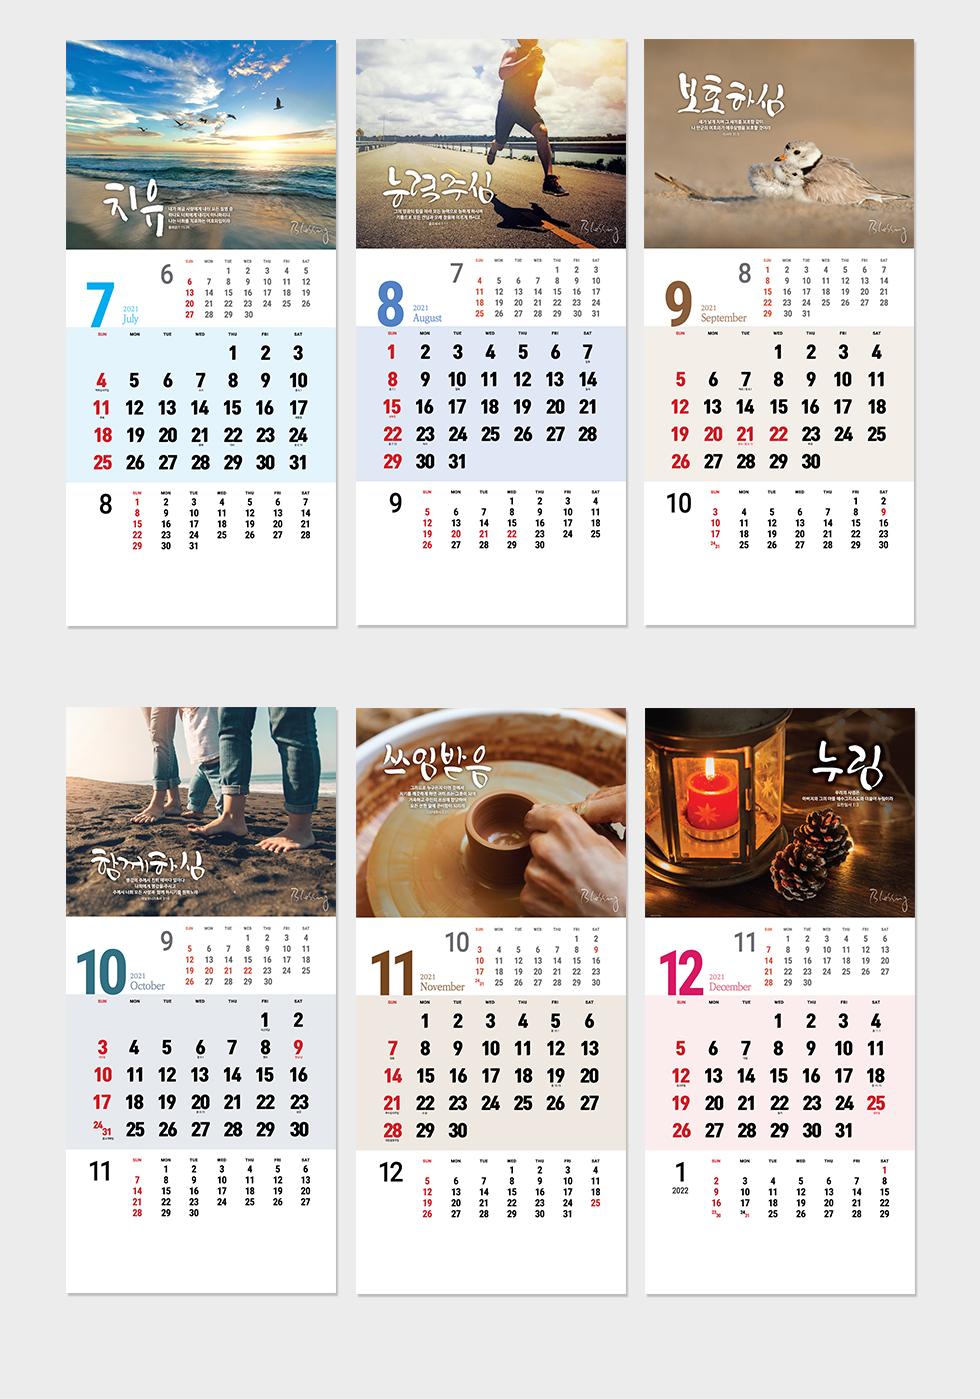 2021년 벽걸이달력 축복 Blessing - 구성2)3단구성 전체디자인 7월부터 12월까지